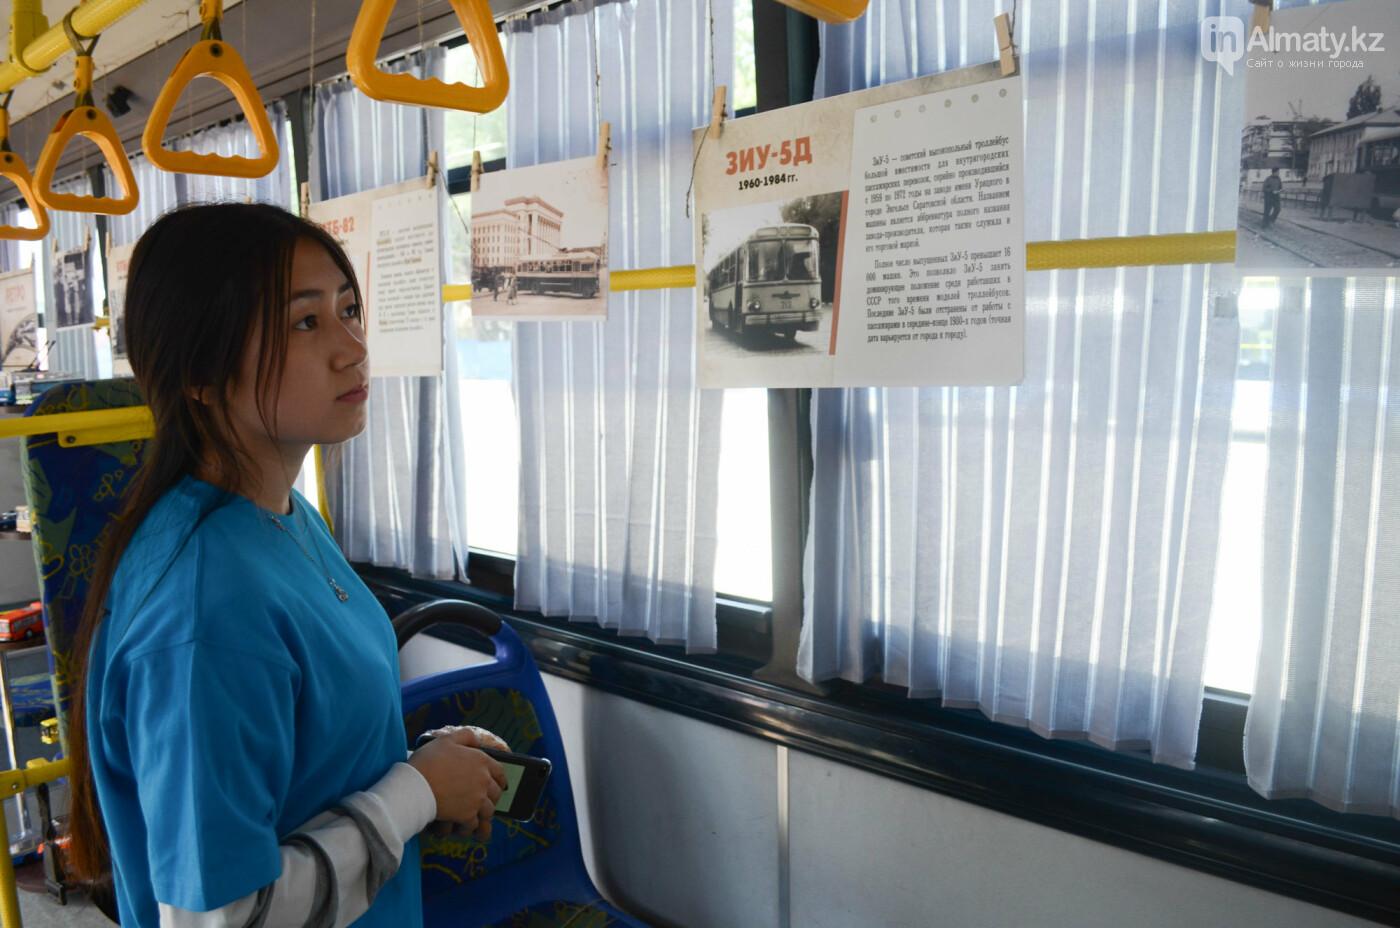 Юбилей троллейбуса отметили в Алматы (фото), фото-9